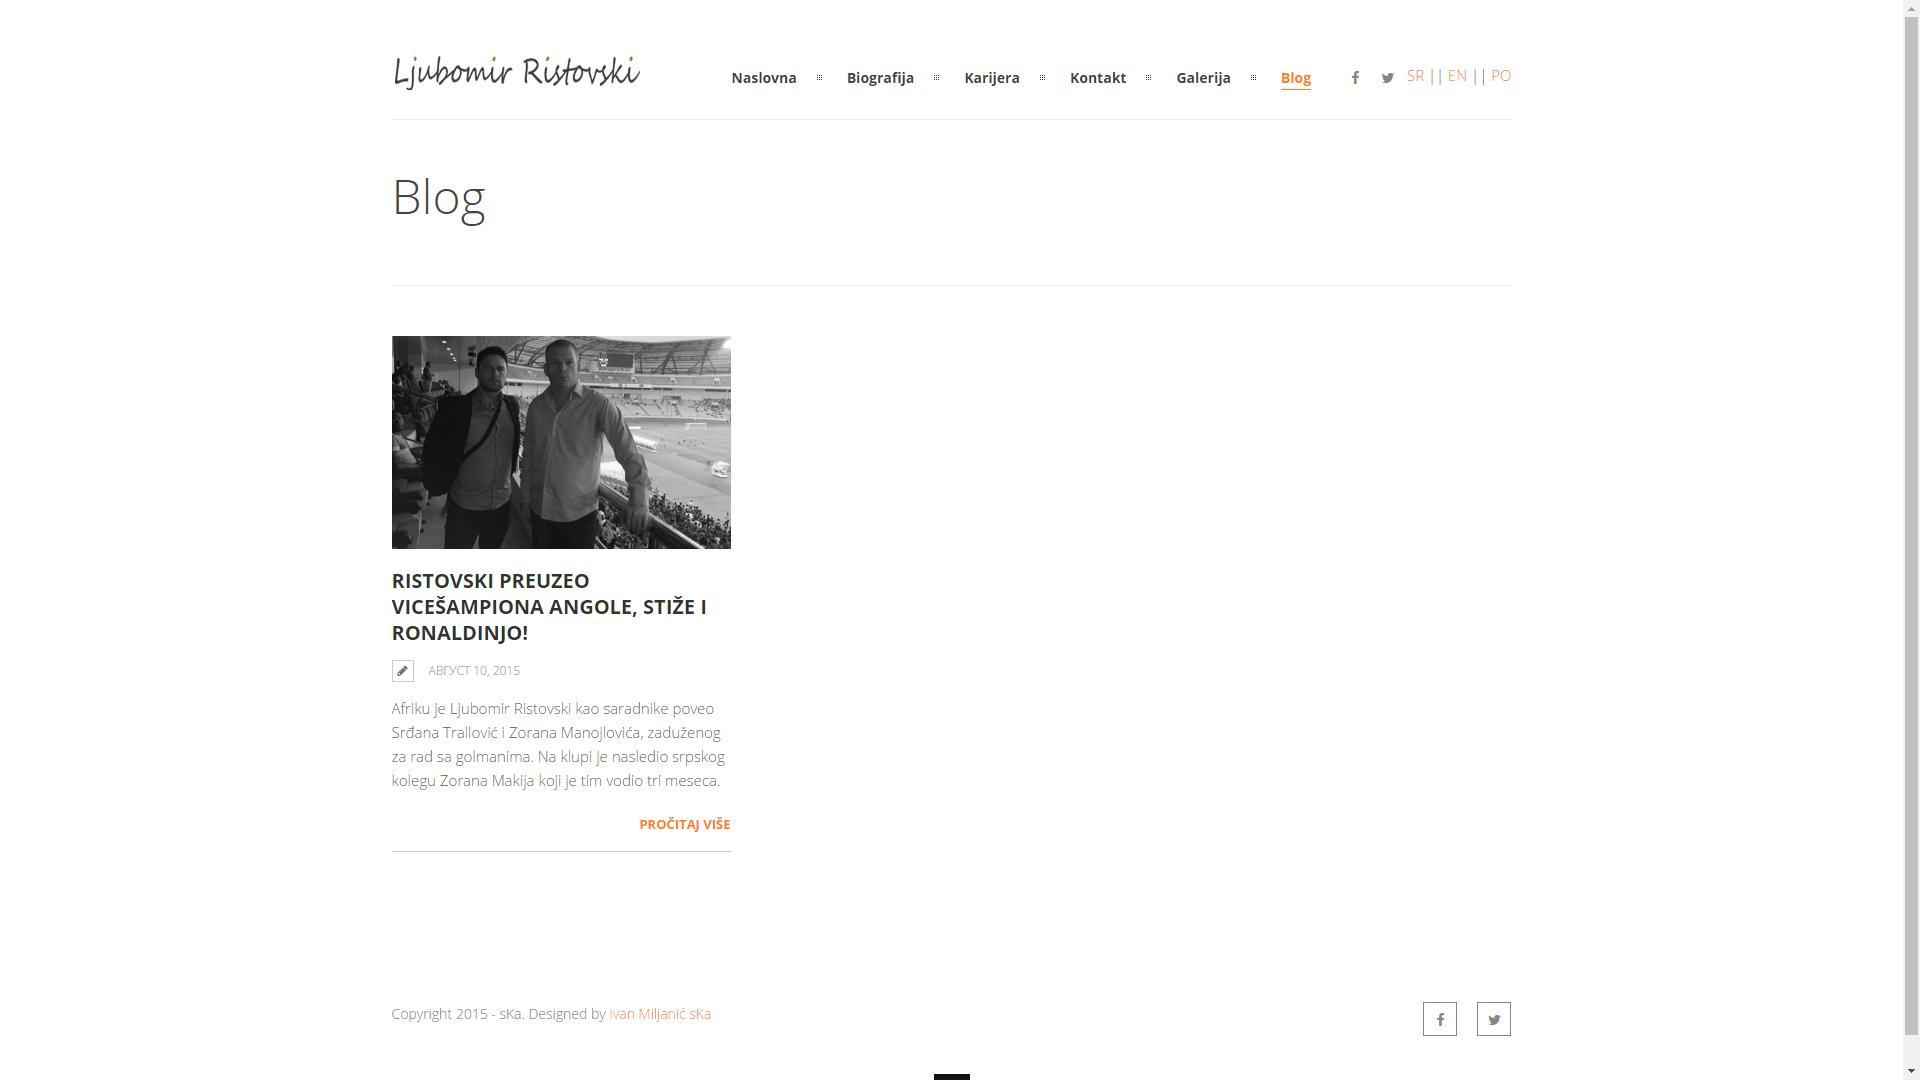 ljubomirristovski-ska-webdesign-ss4